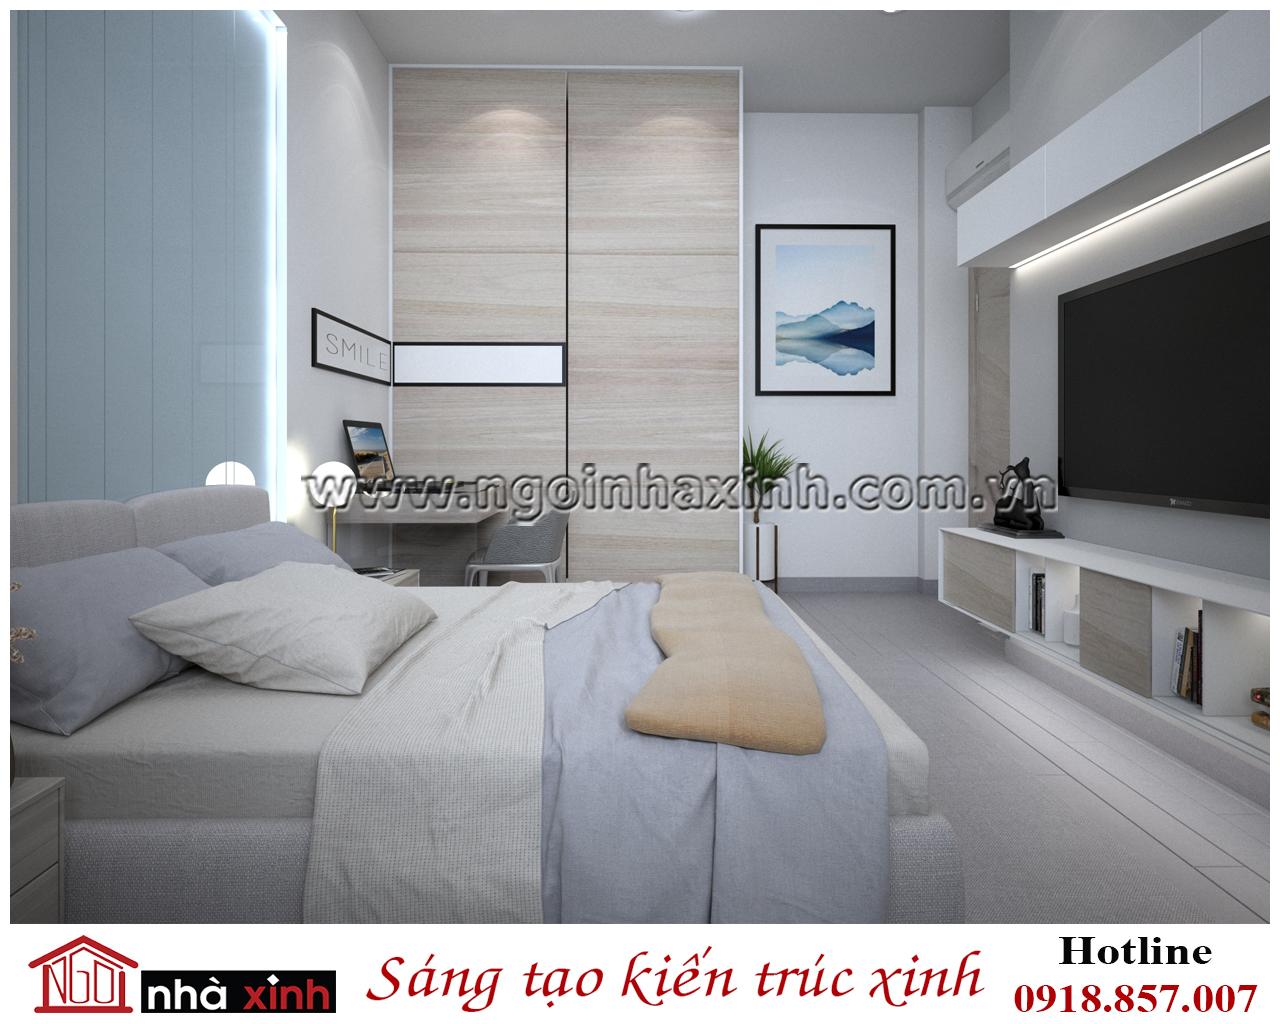 nội thất đẹp, nhà xinh, thiết kế phòng ngủ bé trai